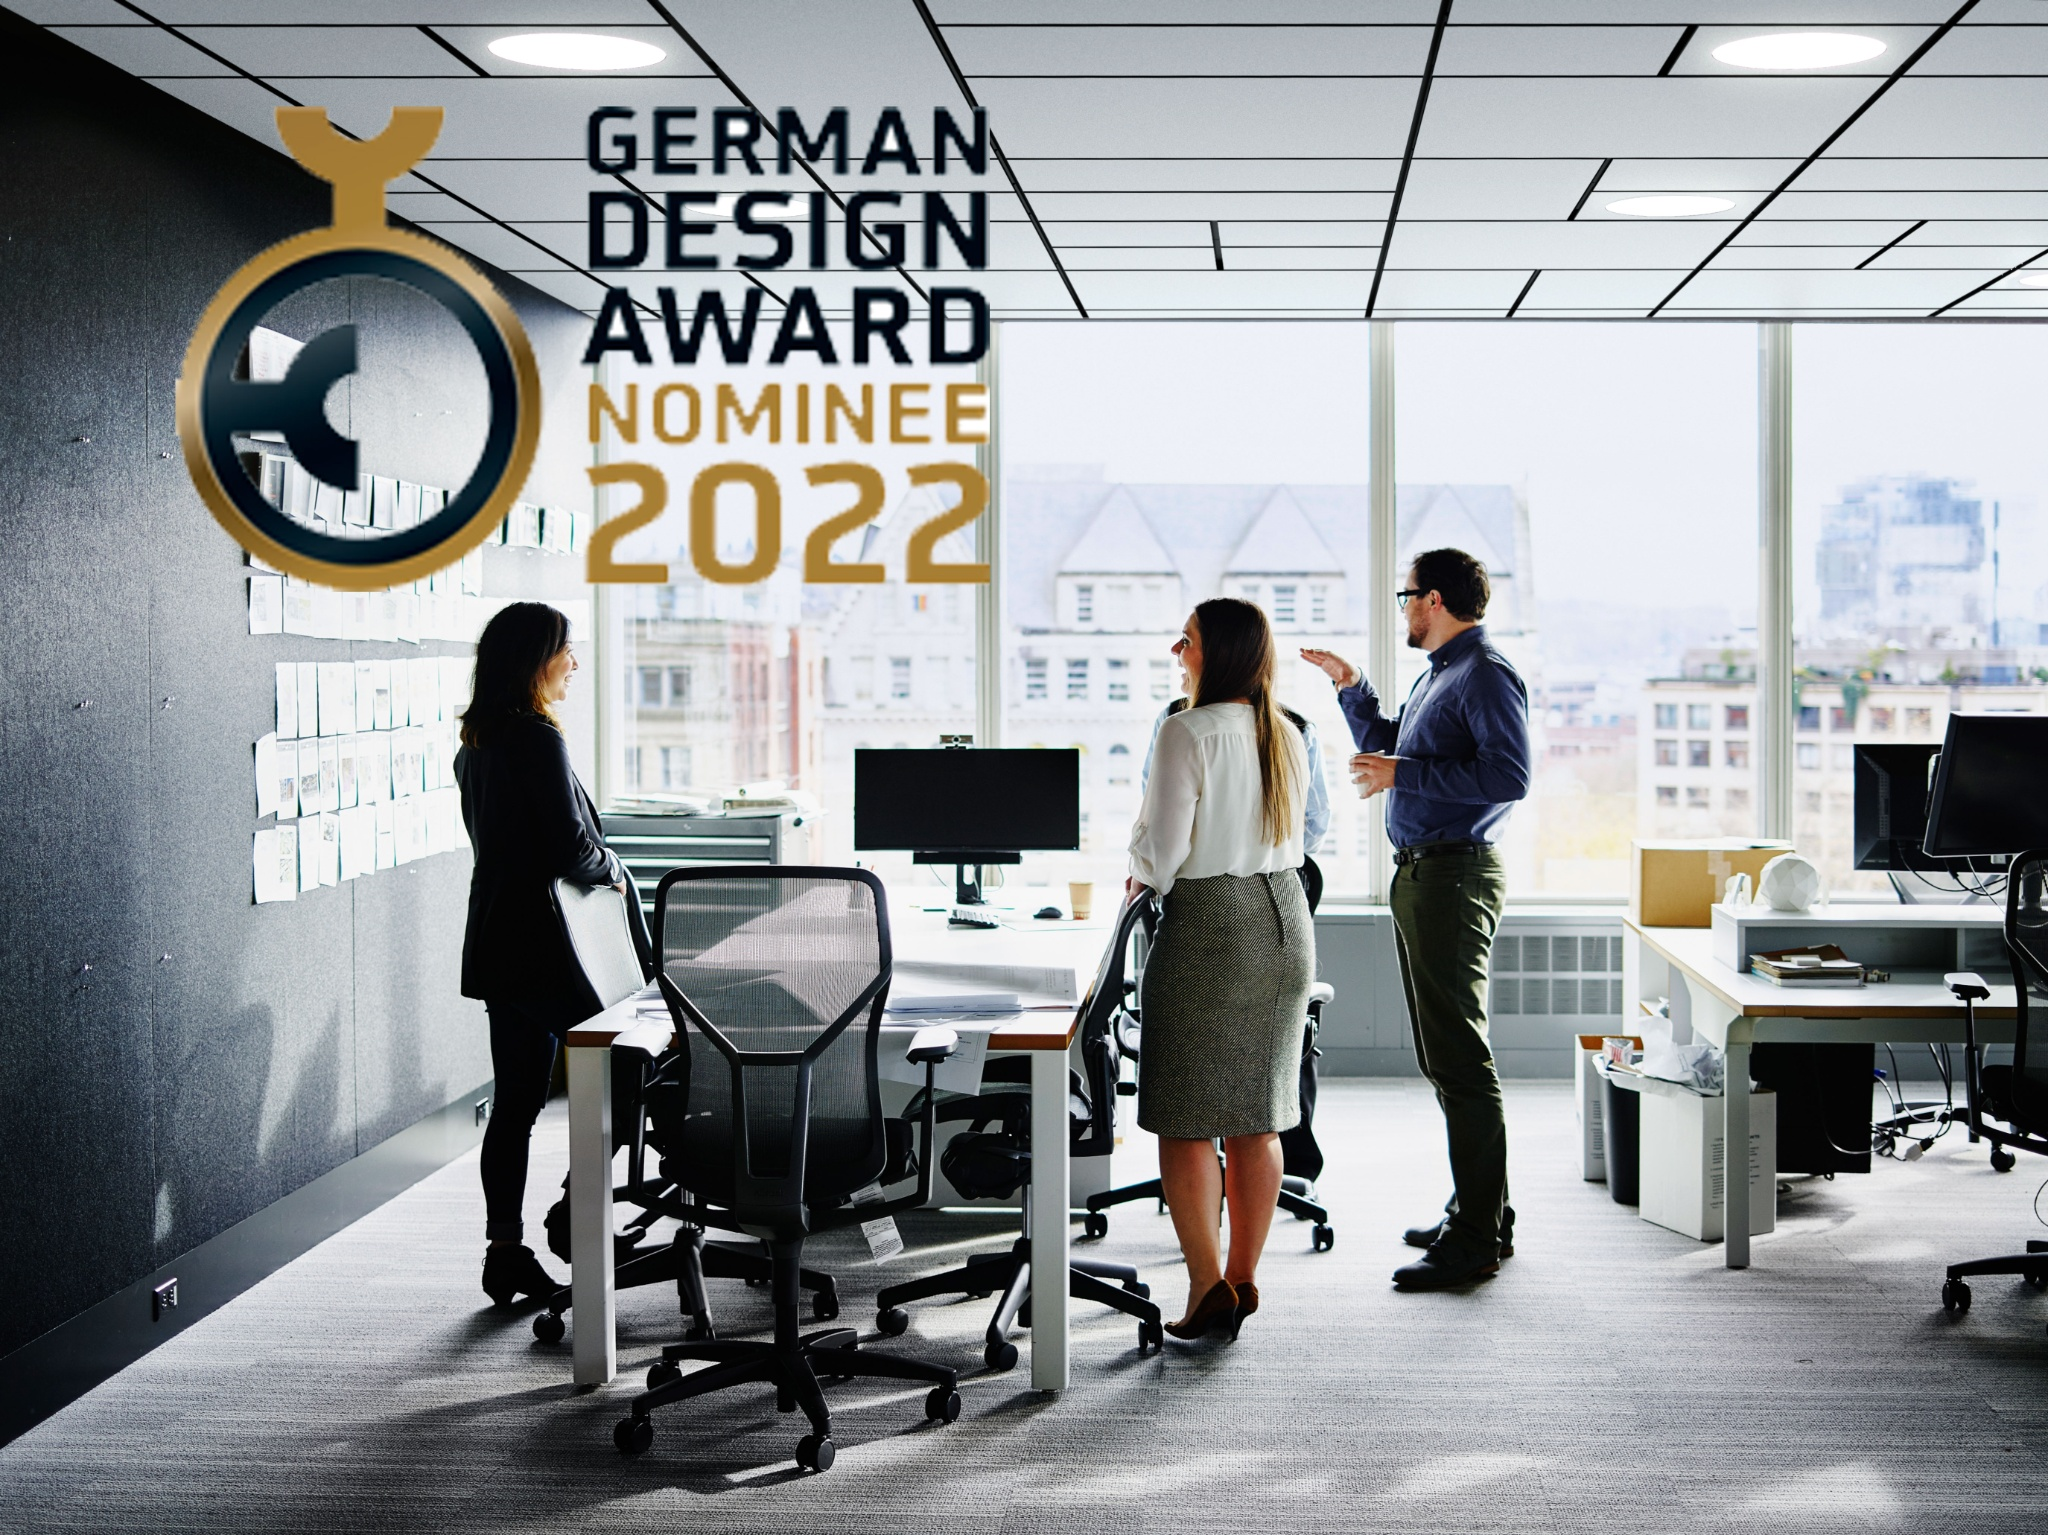 Master Eg nomineret til German Design Award